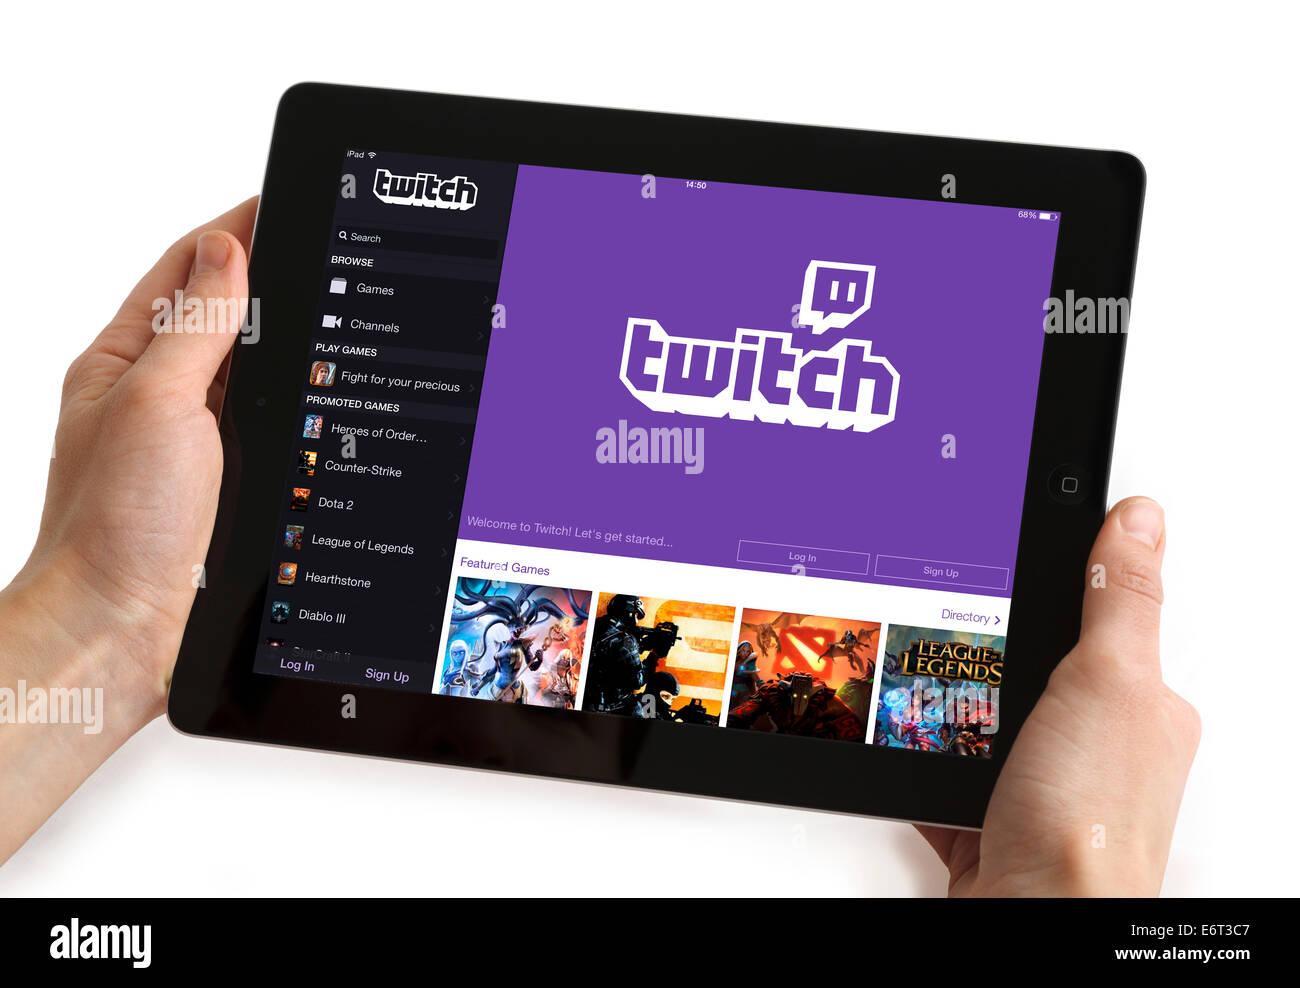 Los juegos de video streaming app Twitch, vistos en un Apple ipad Imagen De Stock